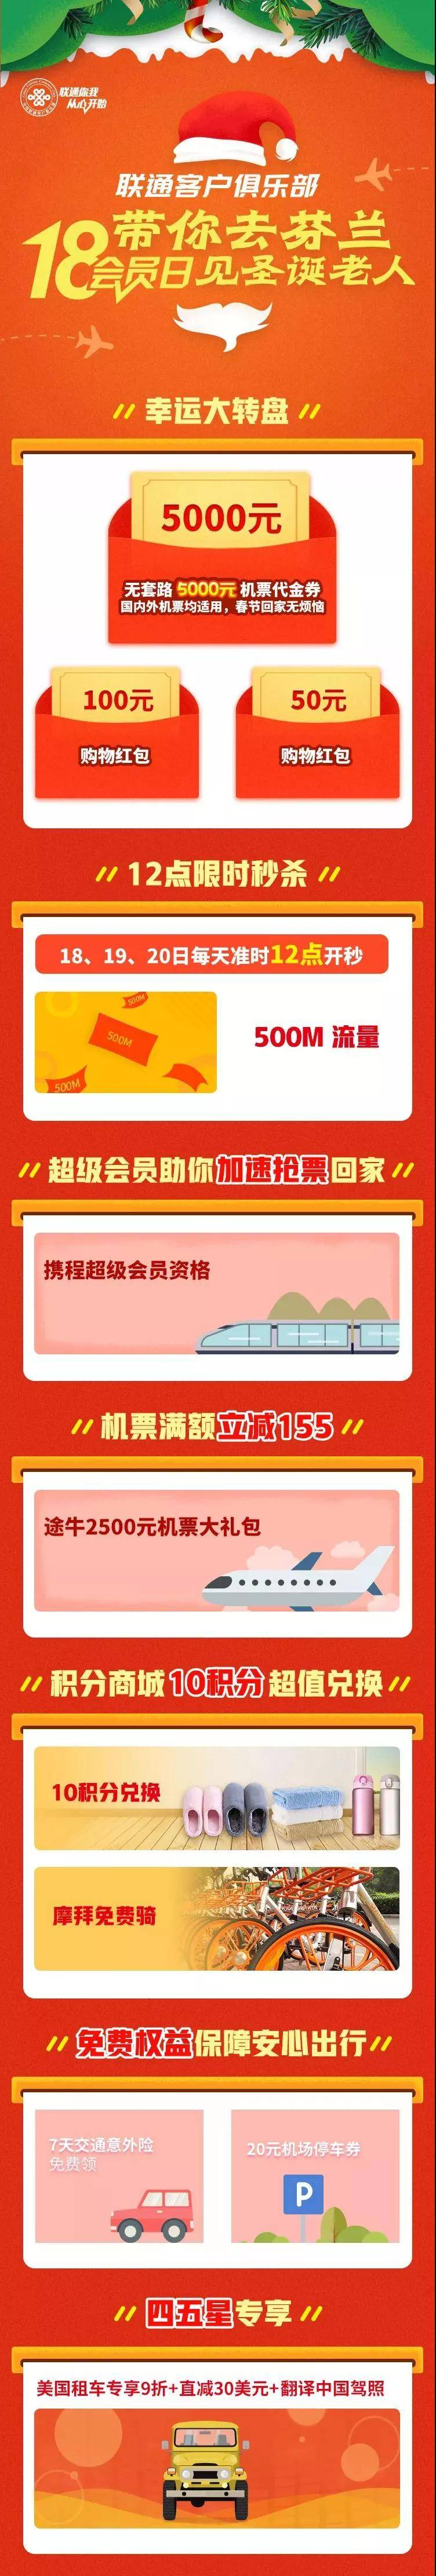 中国联通手机靓号